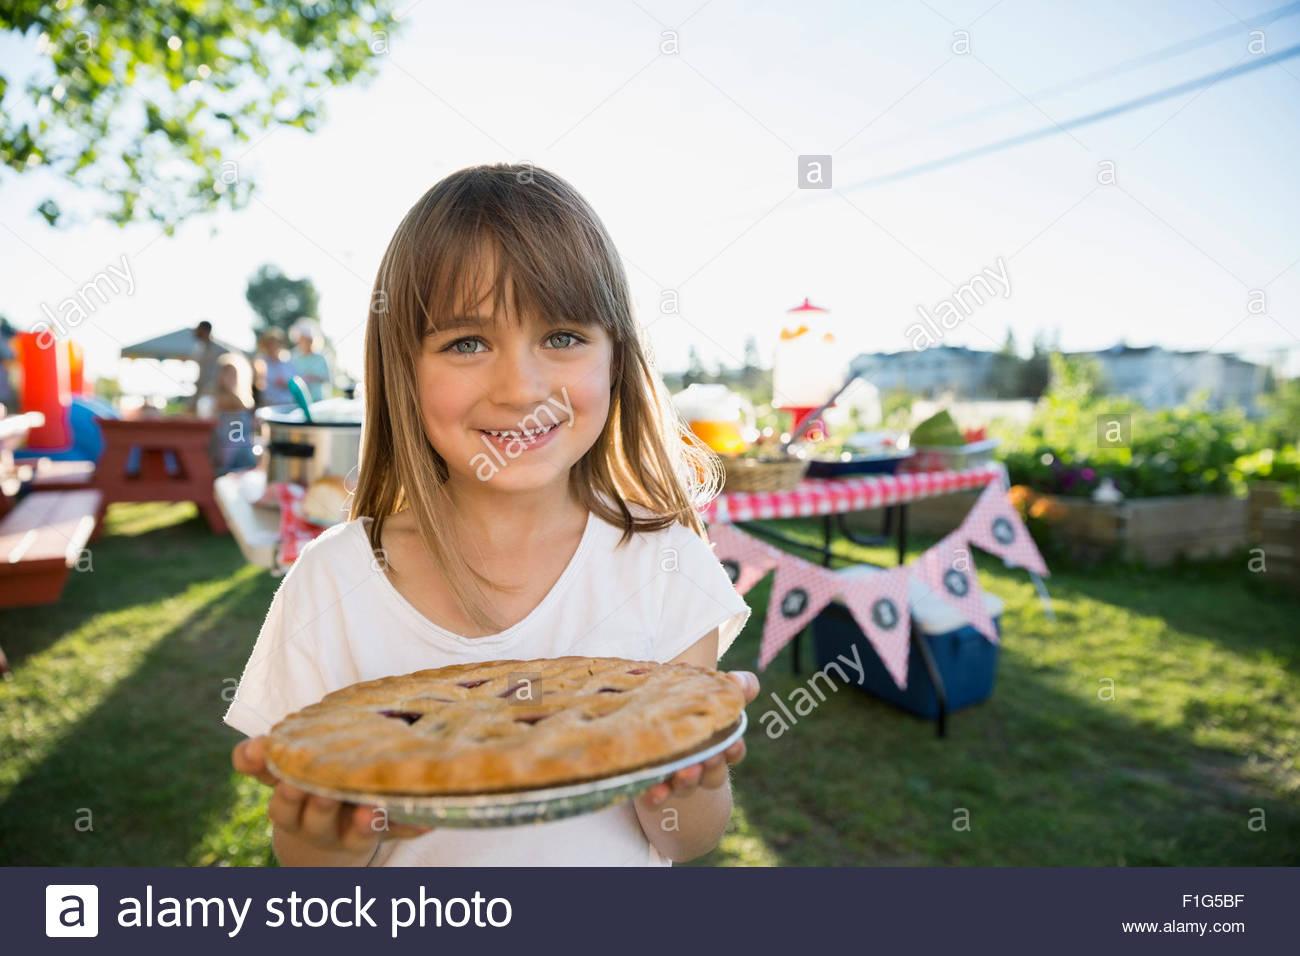 Porträt, lächelndes Mädchen halten frisch gebackenen Kuchen park Stockbild